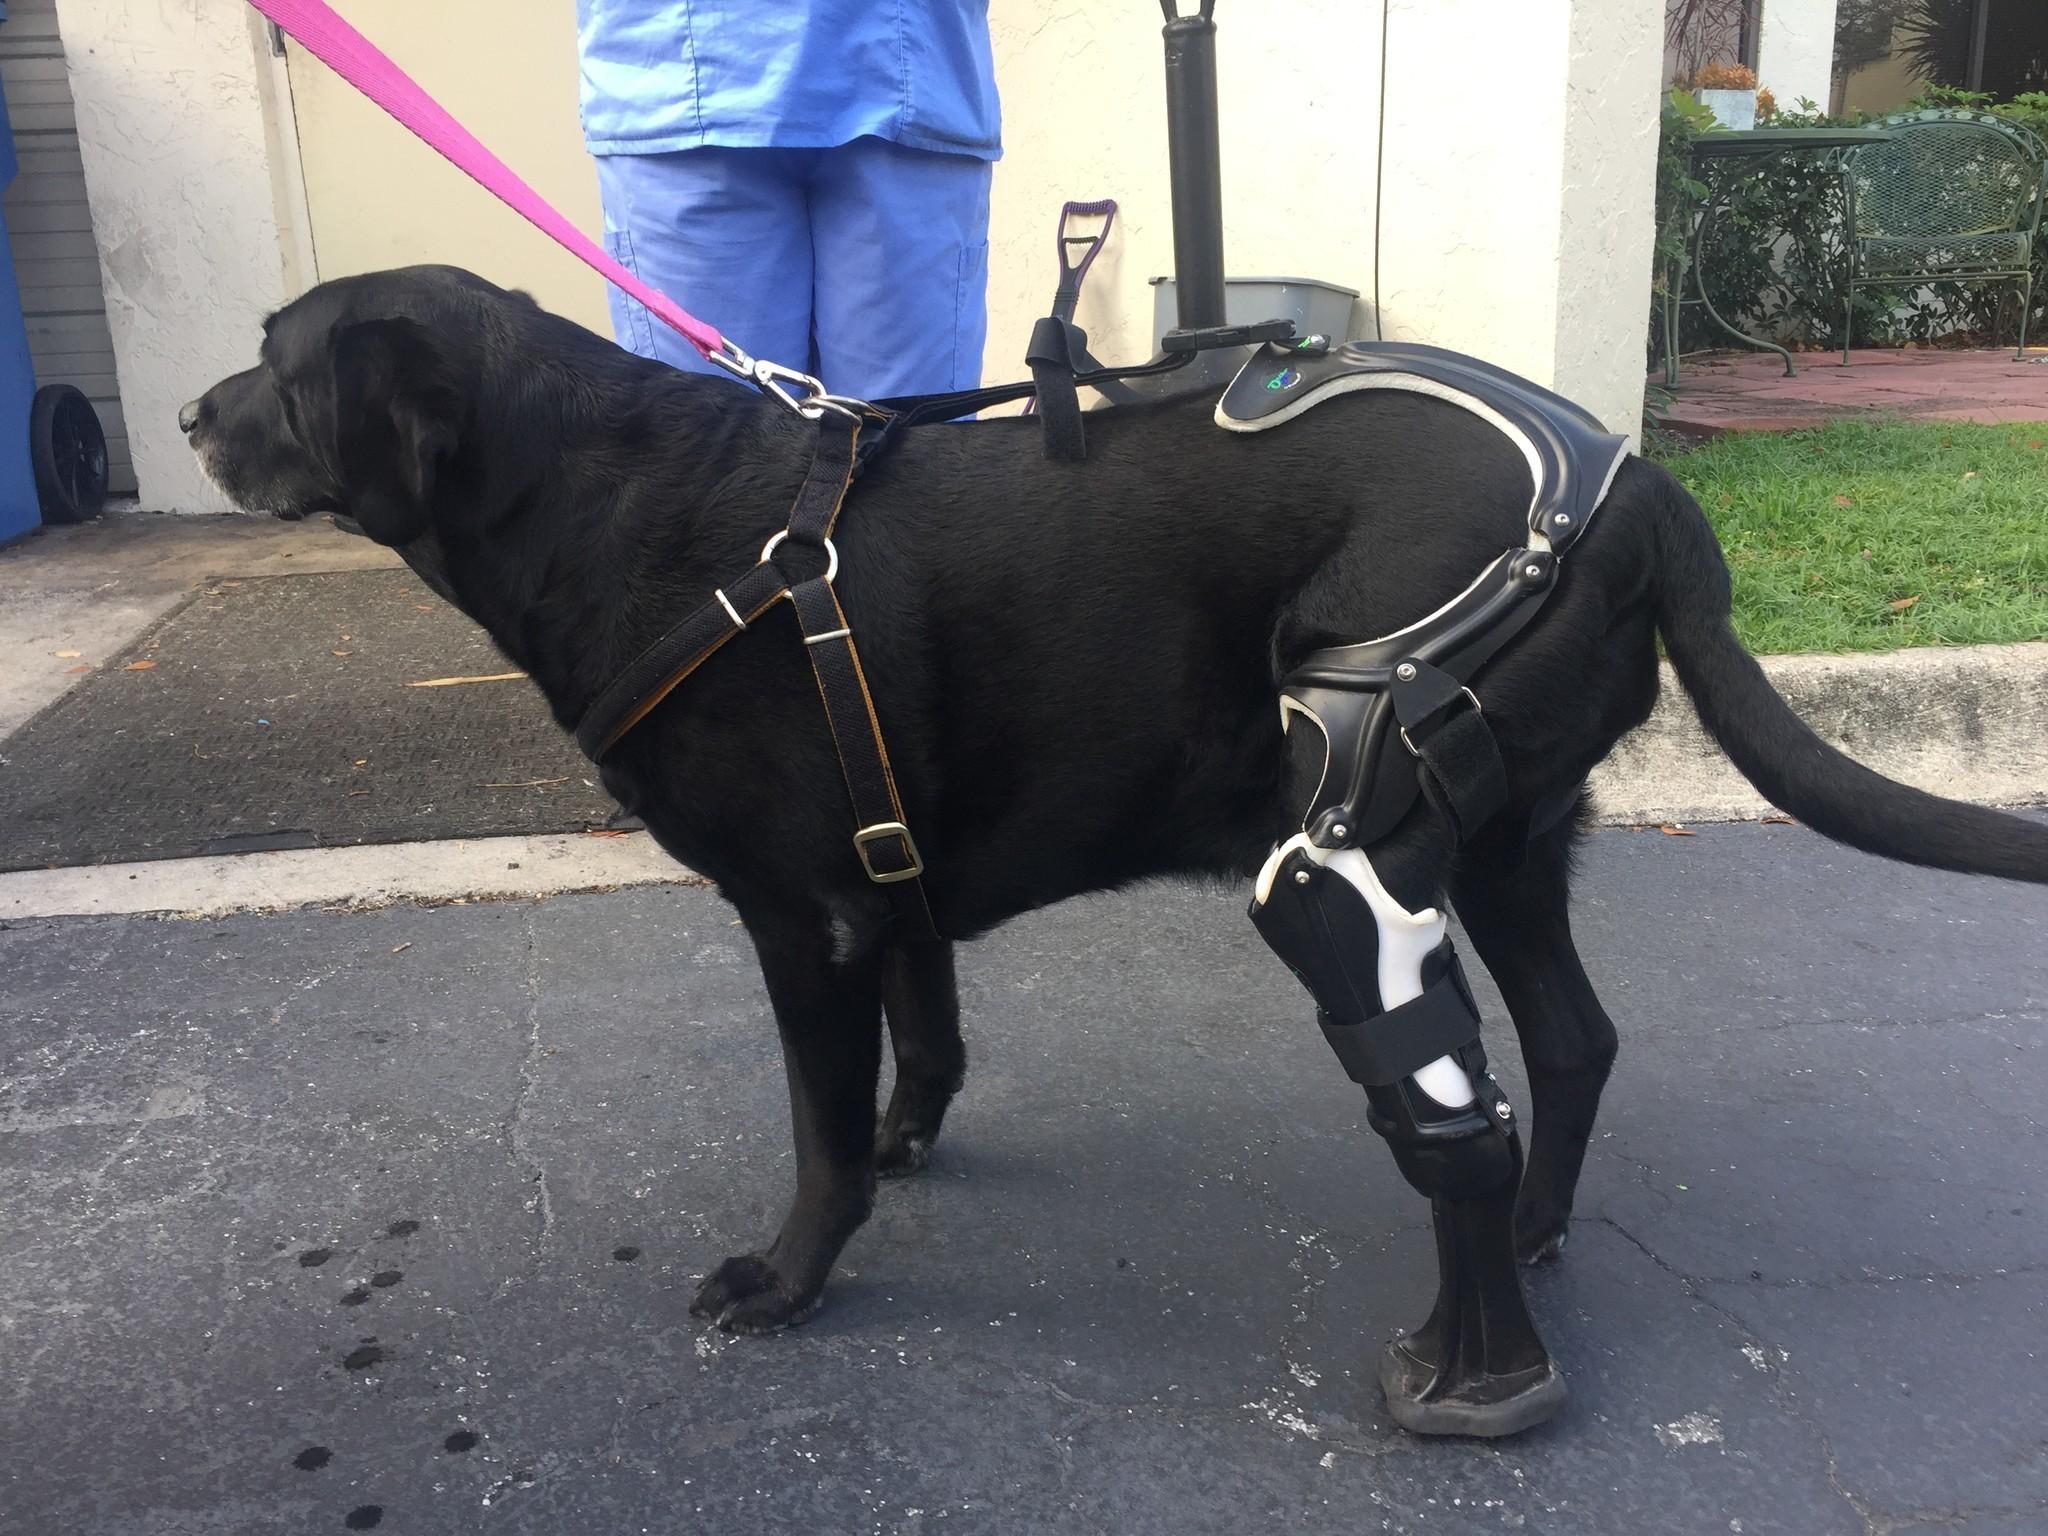 Prosthetic Leg Gives Injured Dog New Leash On Life Sun